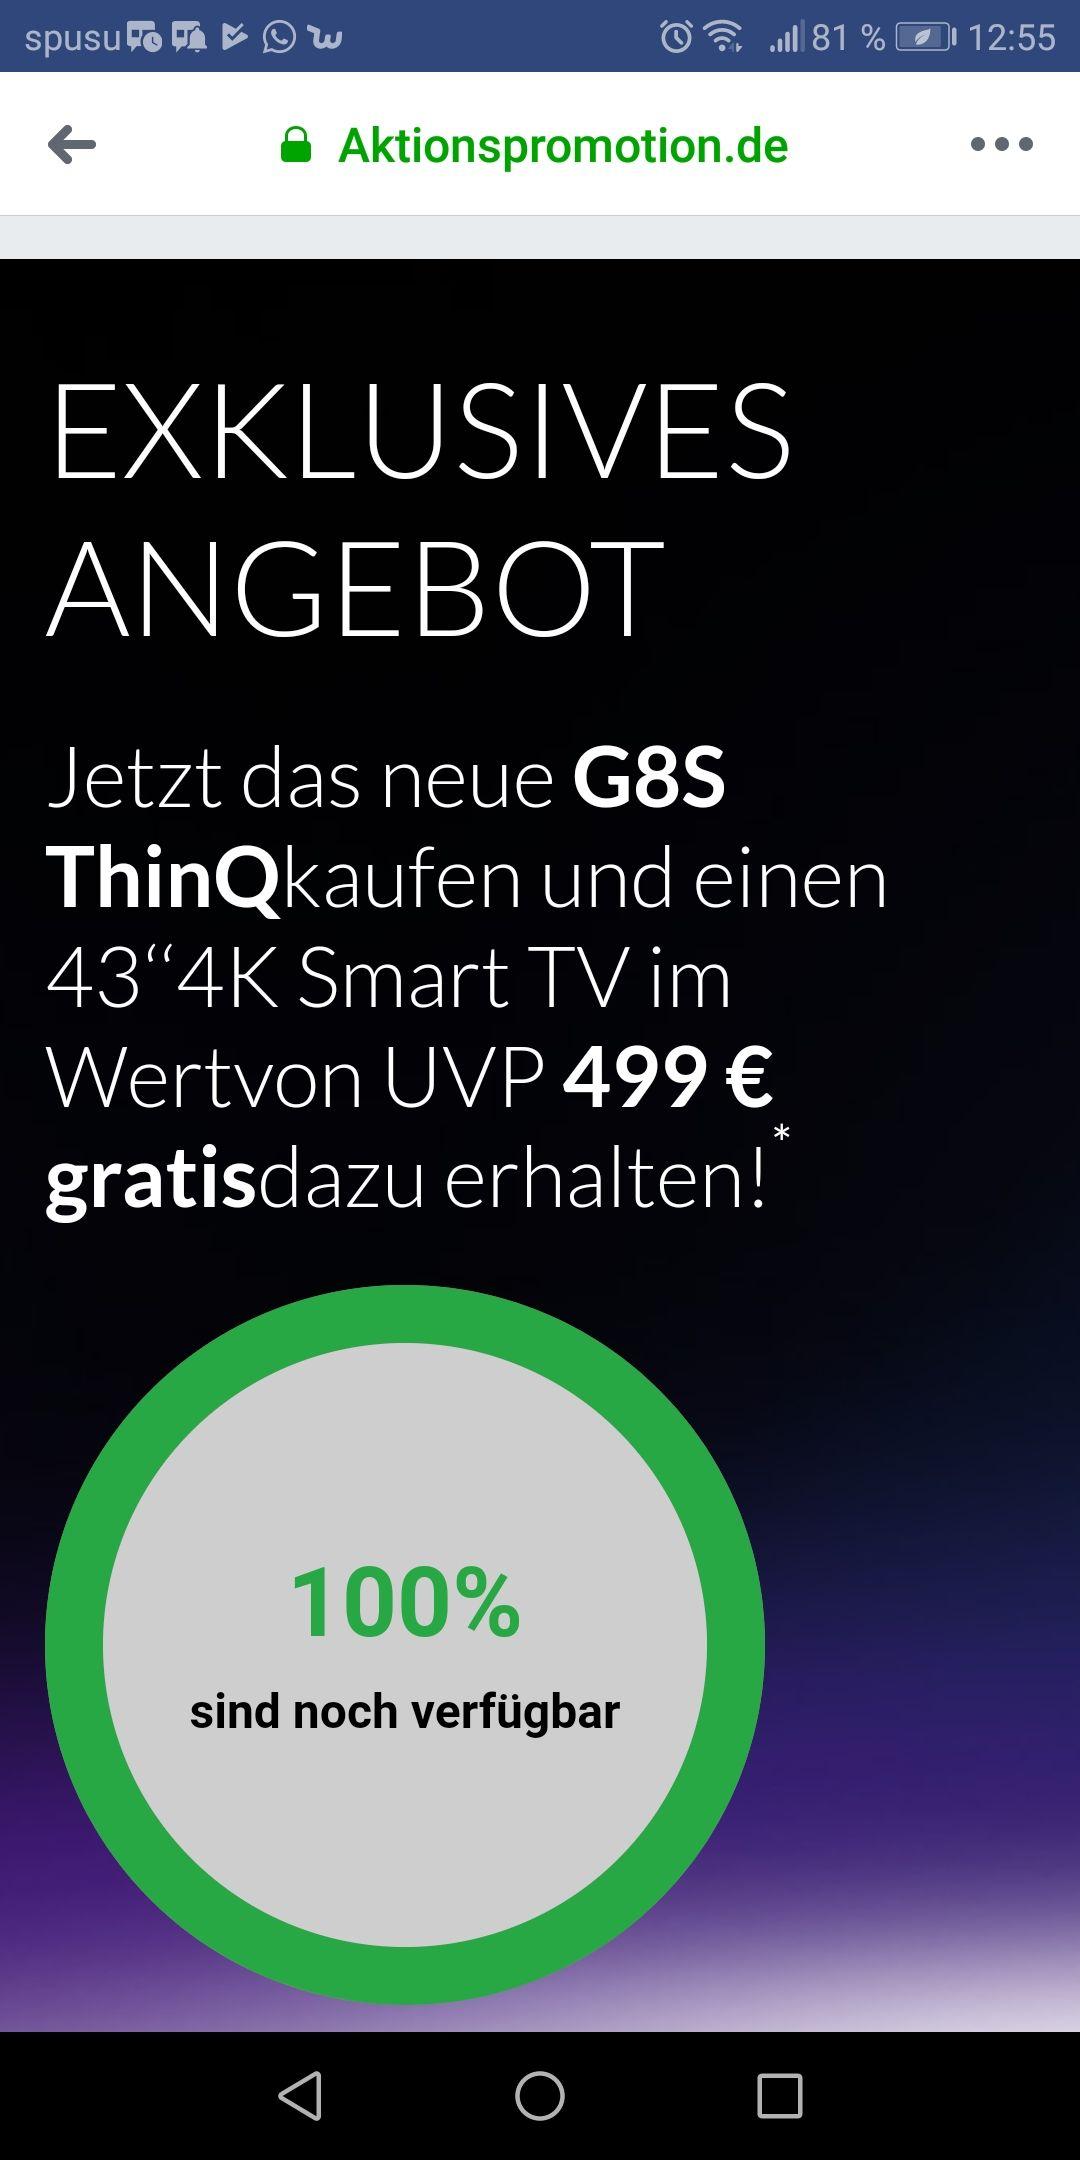 LG G8s + gratis 4K Fernseher